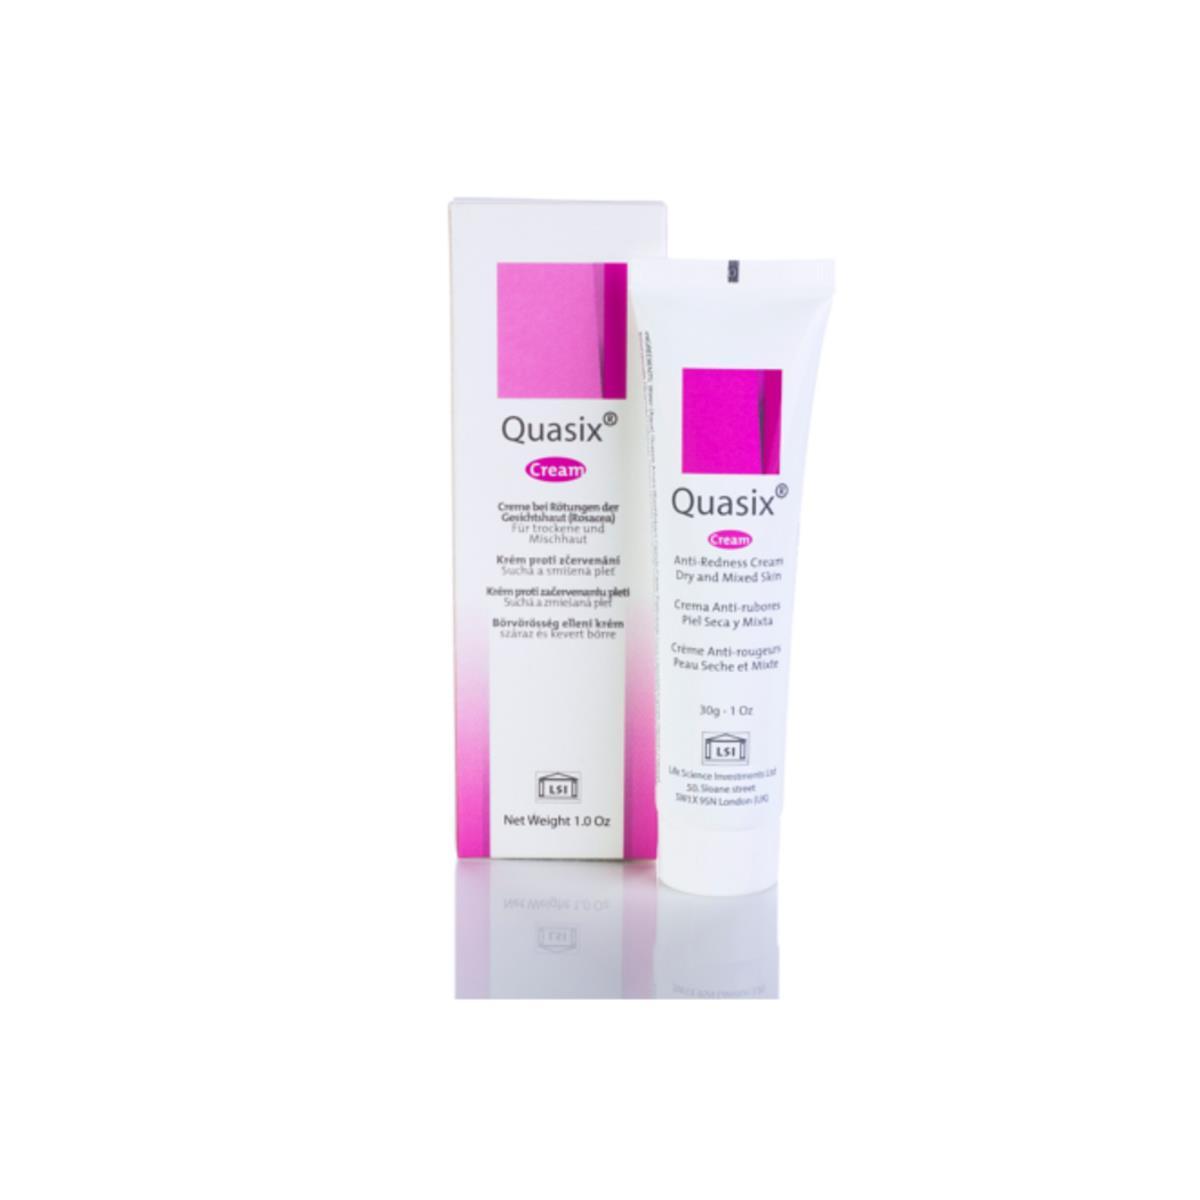 Quasix Crema Anti-Rubores Piel Seca Y Mixta 30 Gms